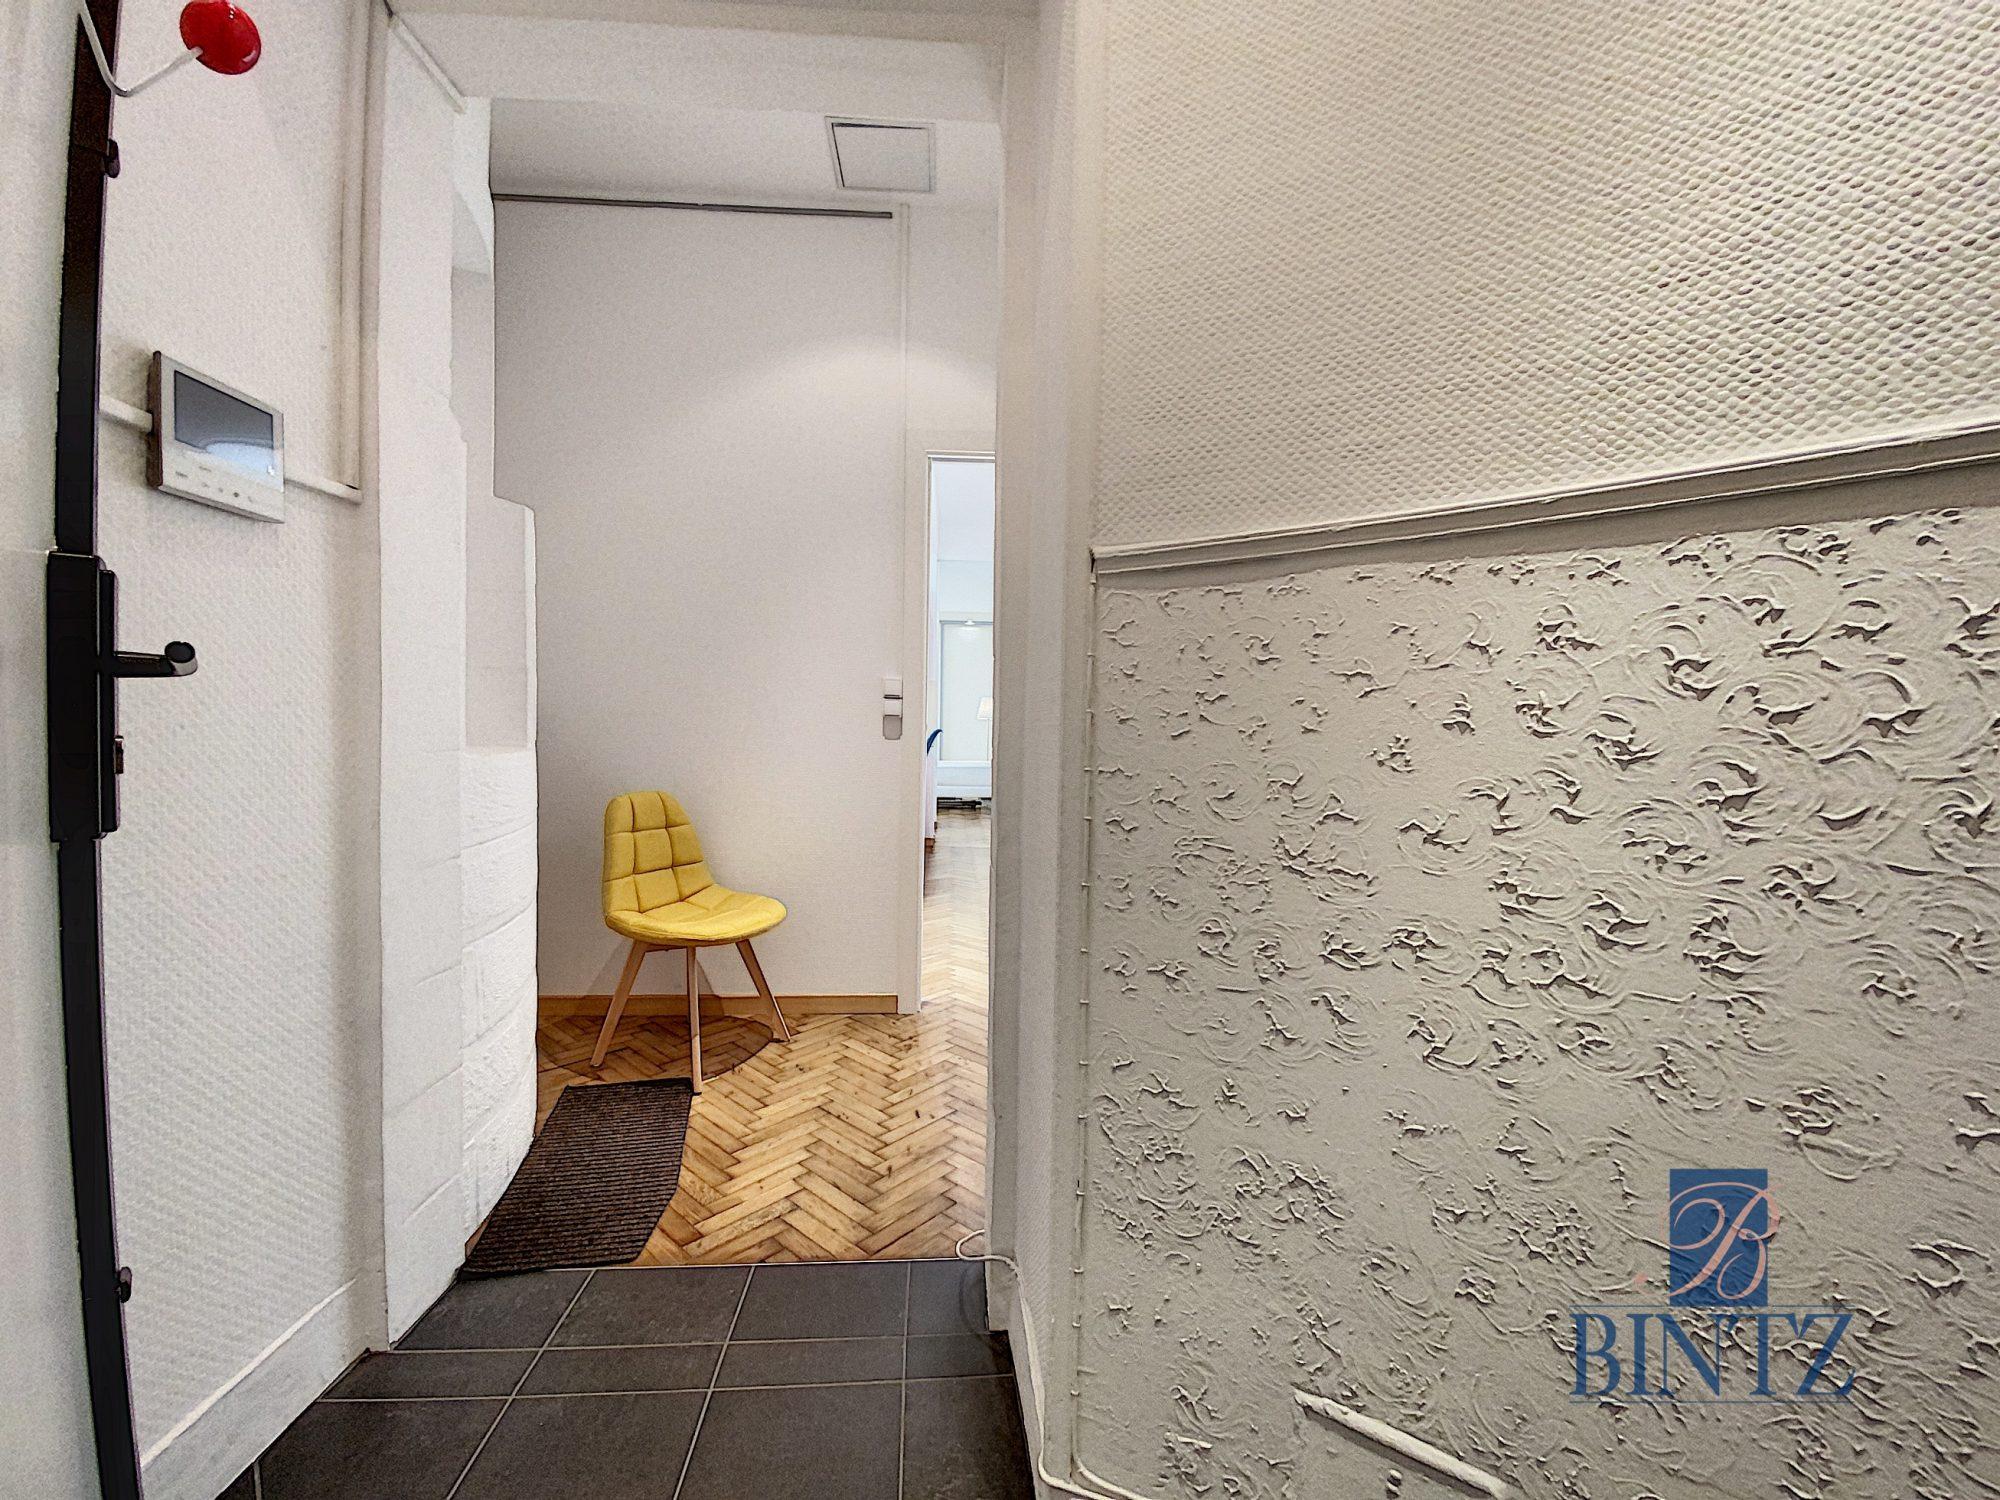 GRAND 1PIÈCE MEUBLÉ NEUSTADT - Devenez locataire en toute sérénité - Bintz Immobilier - 9